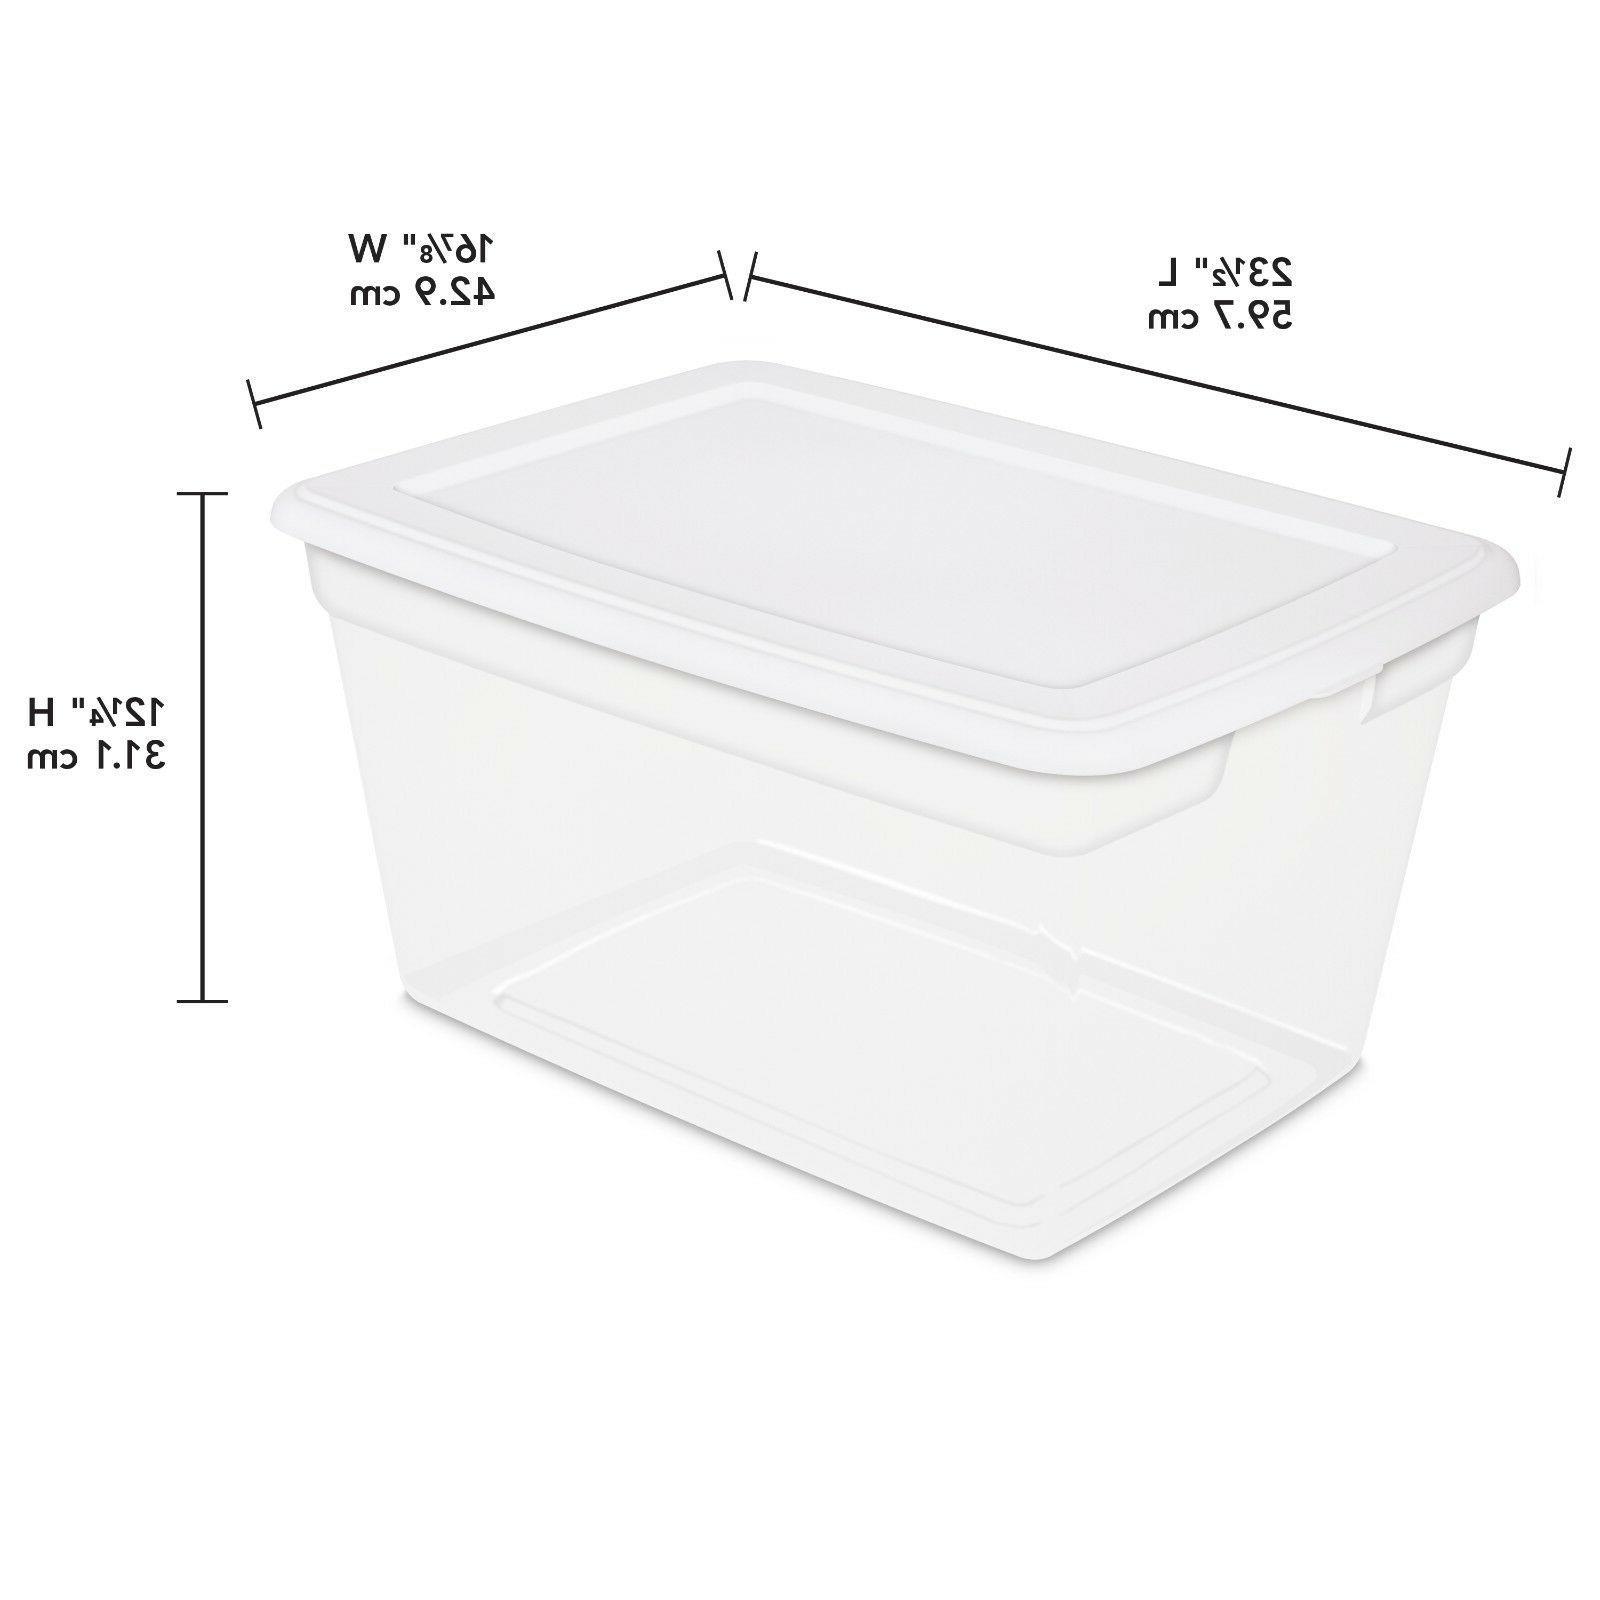 PLASTIC TOTE Quart Clear Bin W/ SET